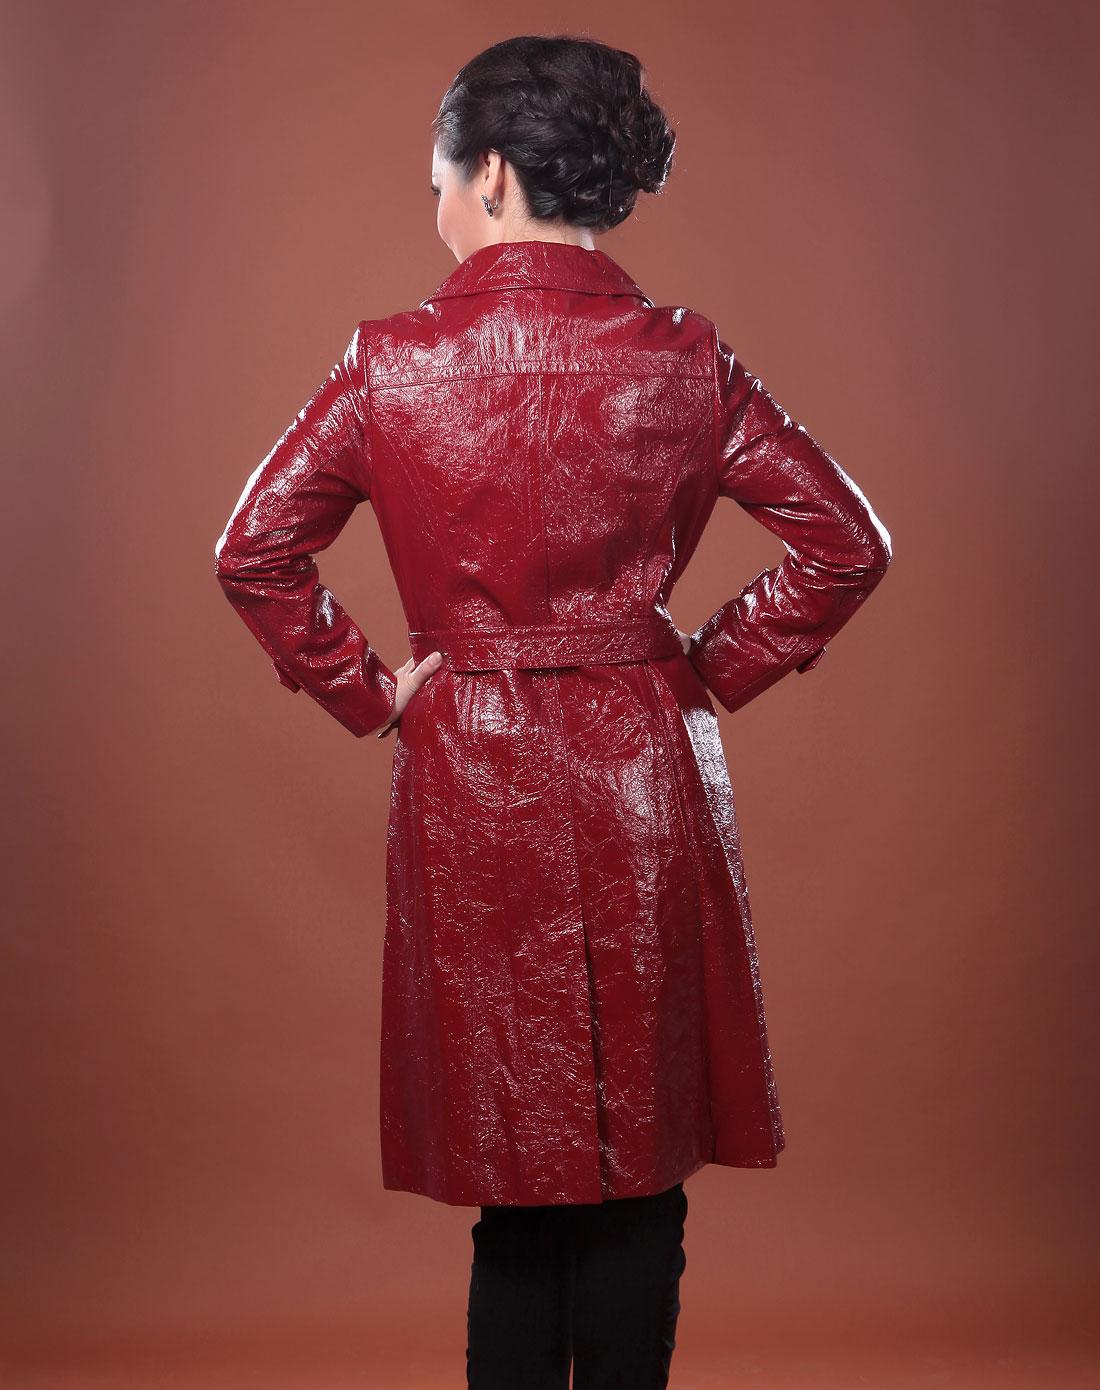 服装 旗袍 唐装 1100_1390 竖版 竖屏